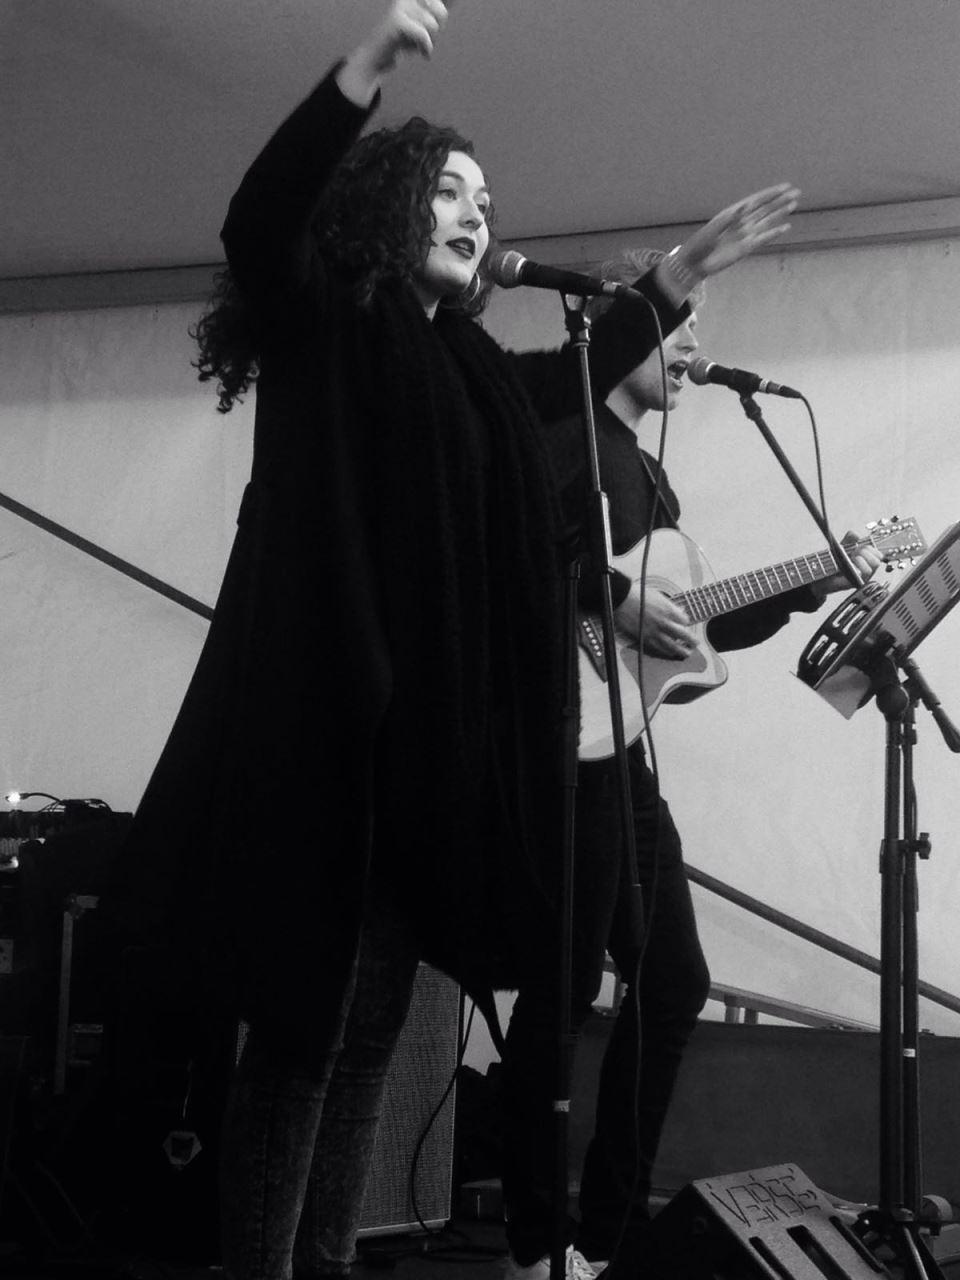 Maylissa_Row_muziek_bedrijfsfeest